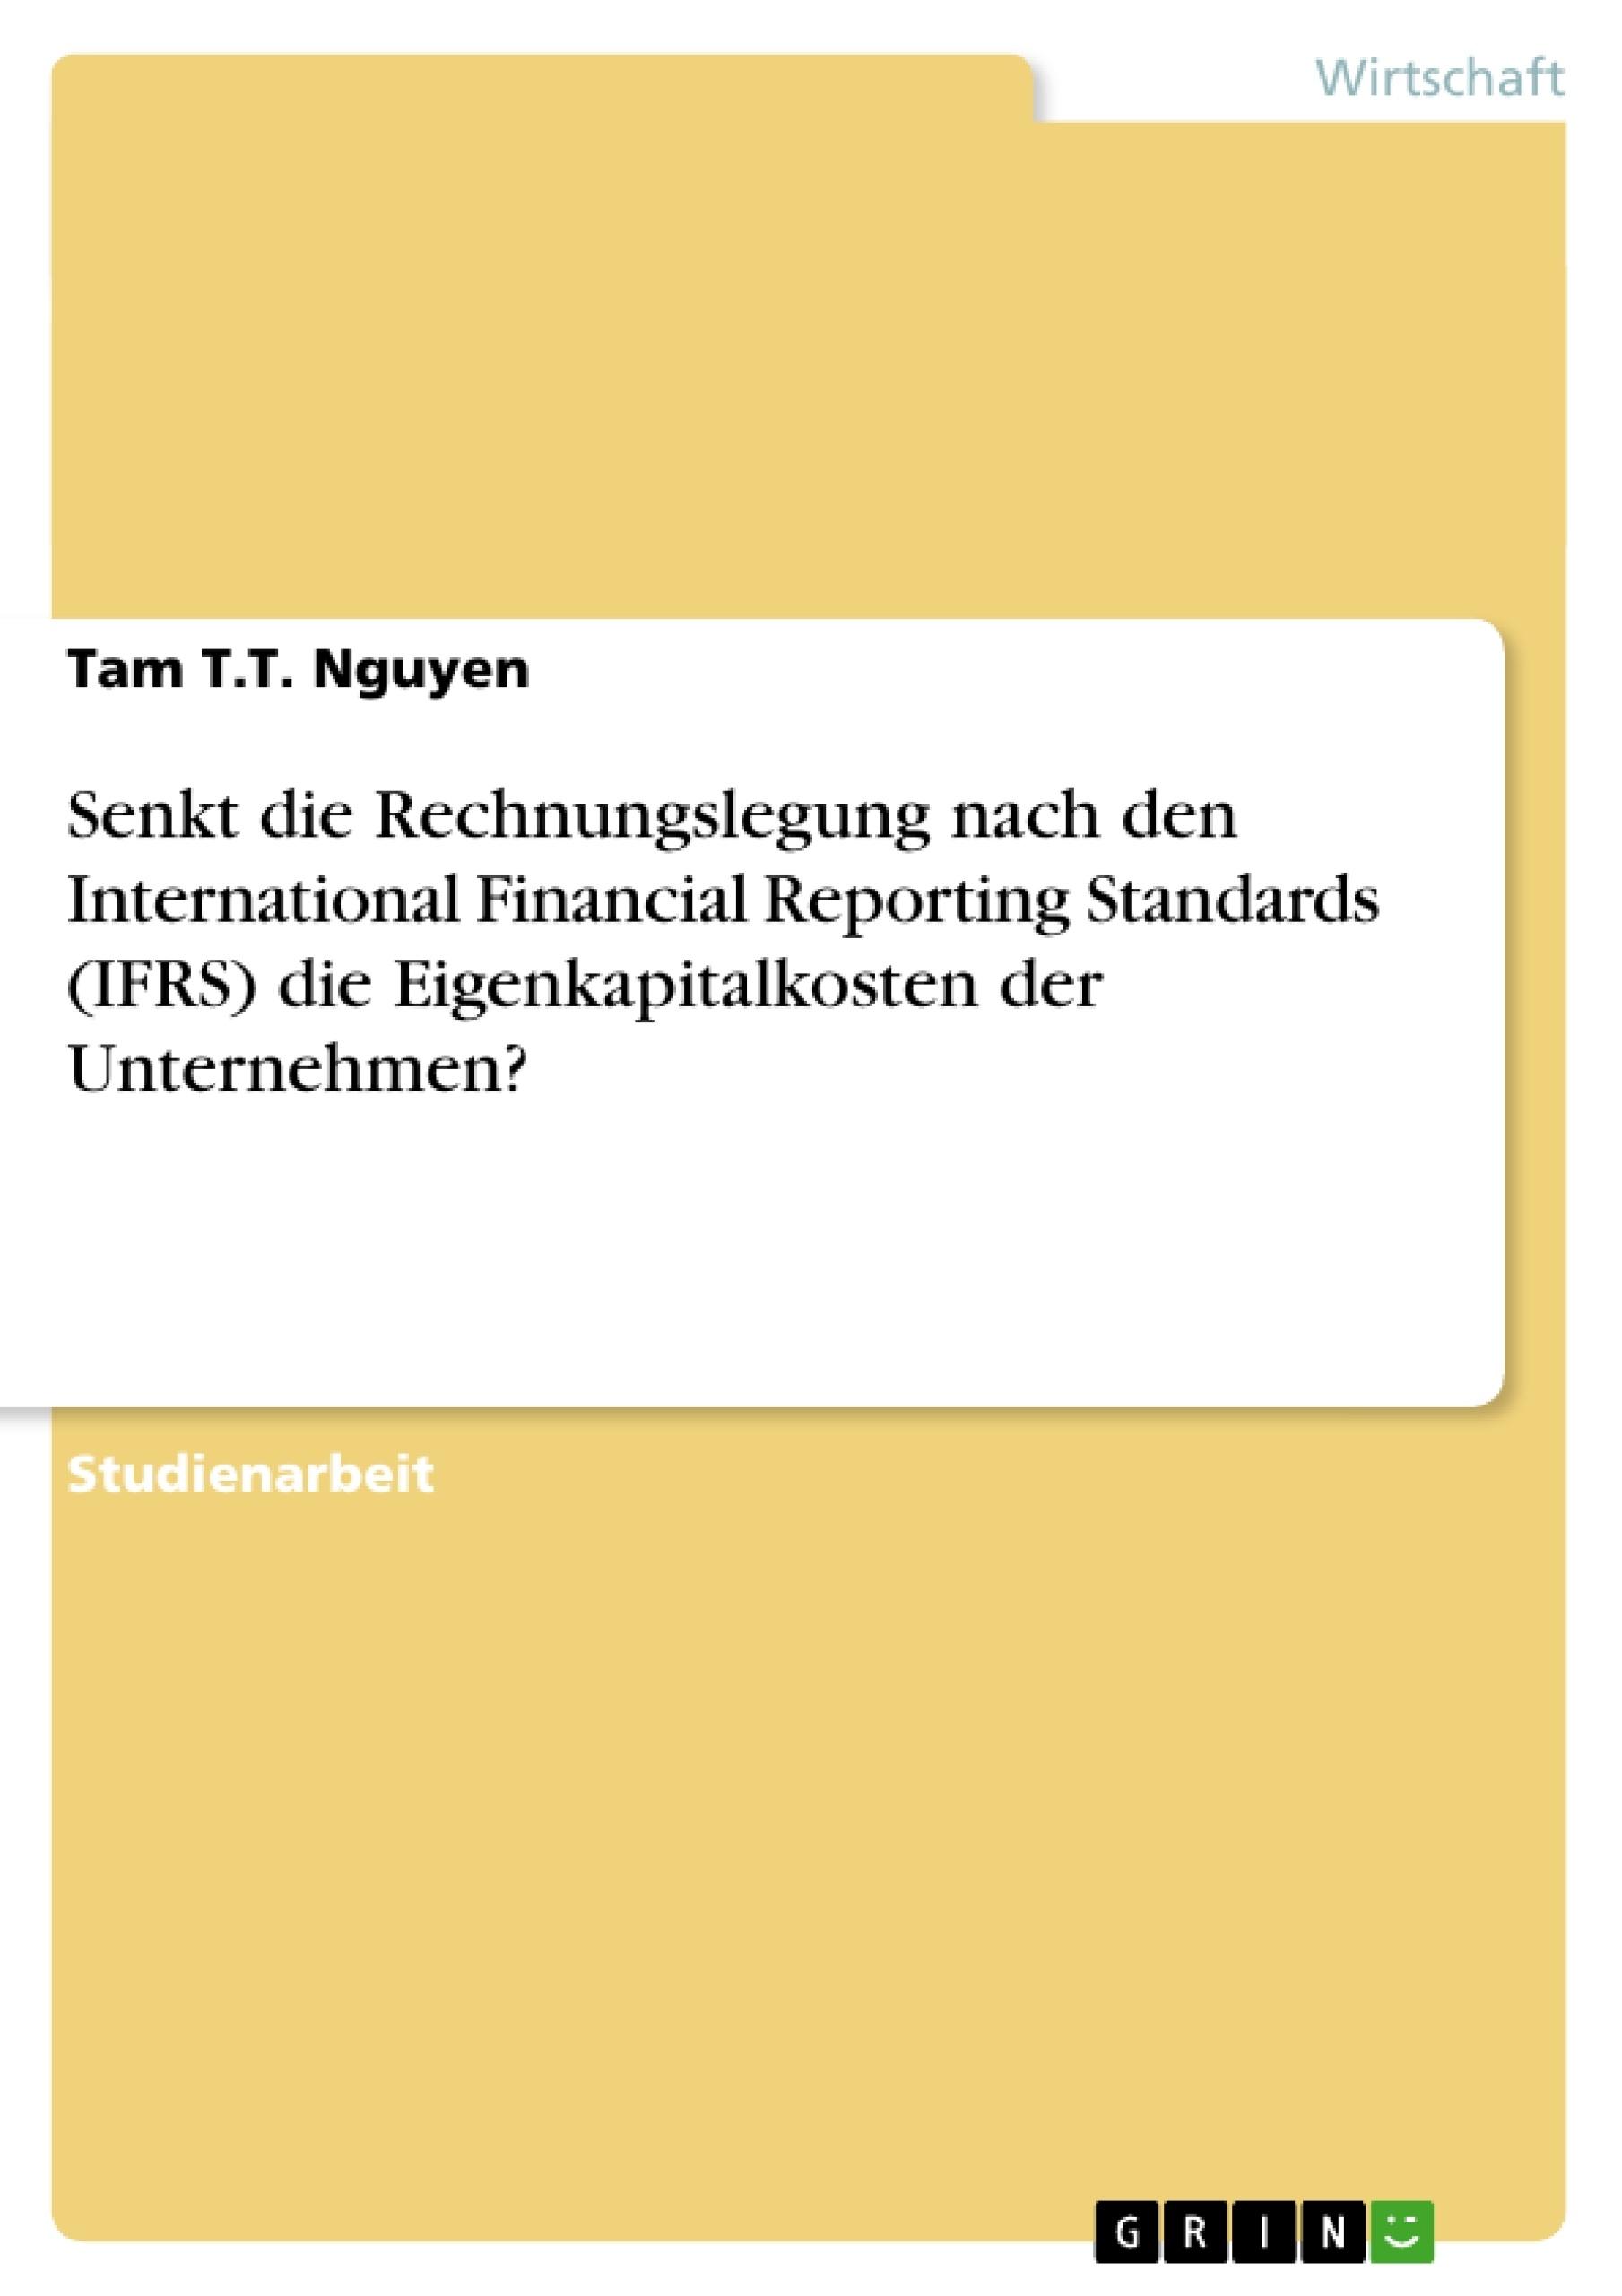 Titel: Senkt die Rechnungslegung nach den International Financial Reporting Standards (IFRS) die Eigenkapitalkosten der Unternehmen?